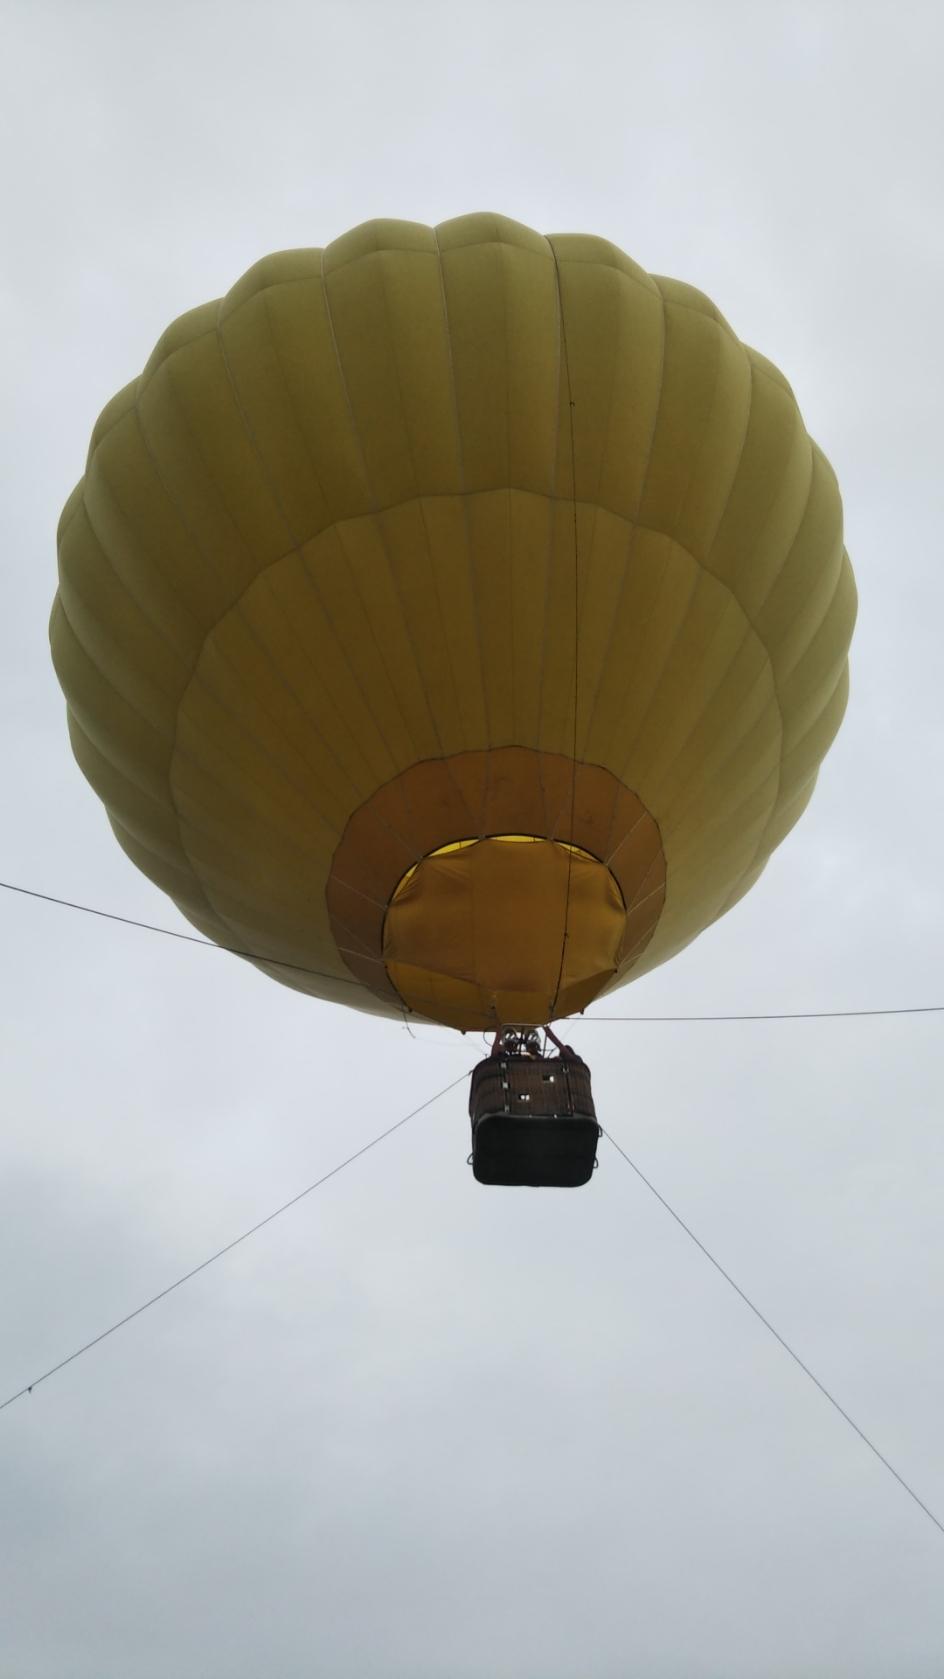 北海道旅行の思い出 ニセコで気球に乗りました_f0076001_23254959.jpg